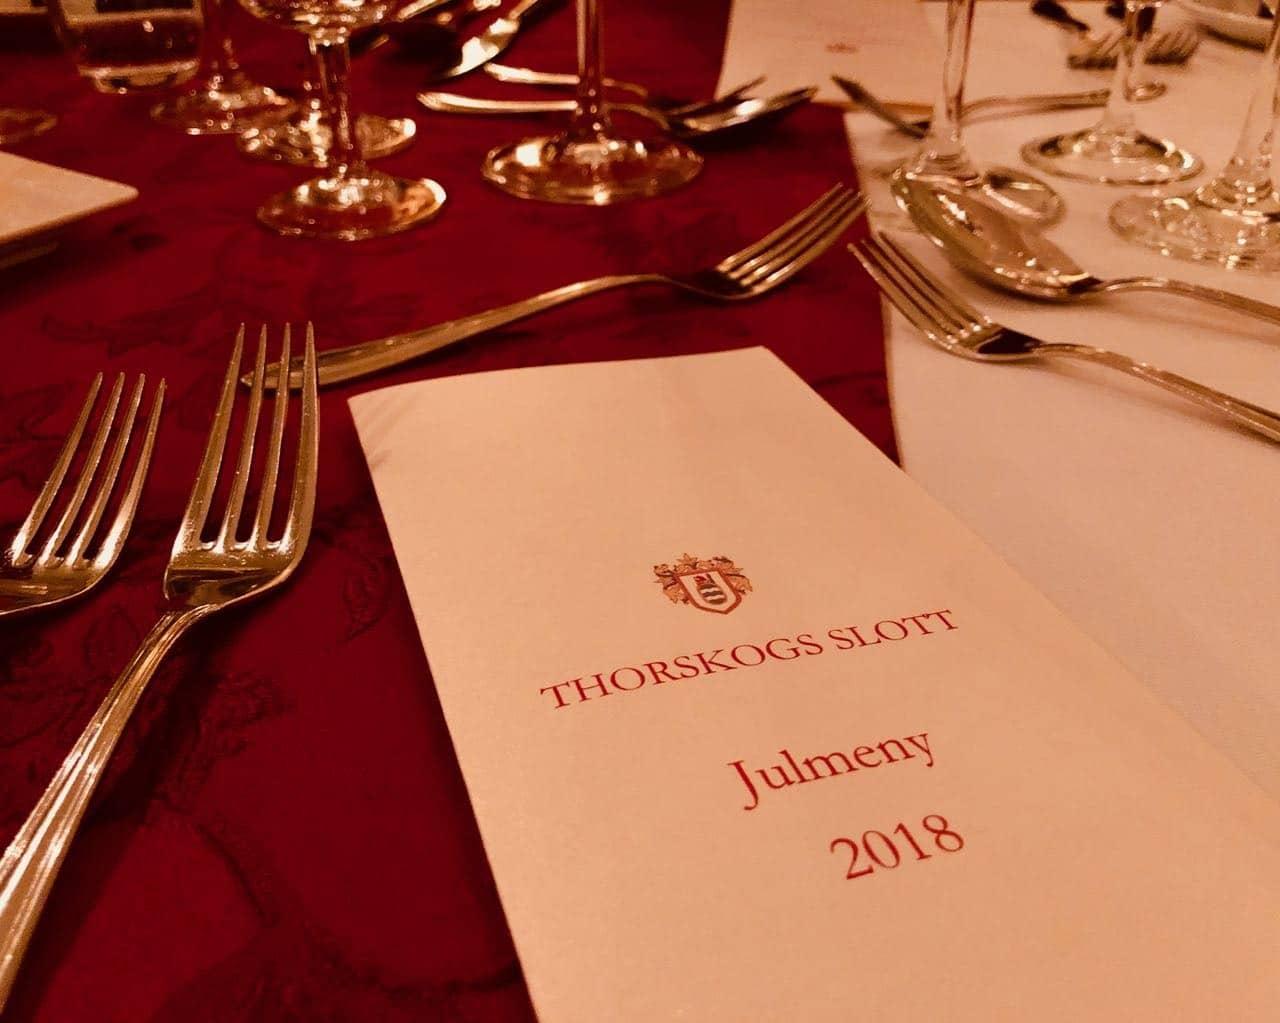 Thorskogs slott castle Christmas menu dinner review